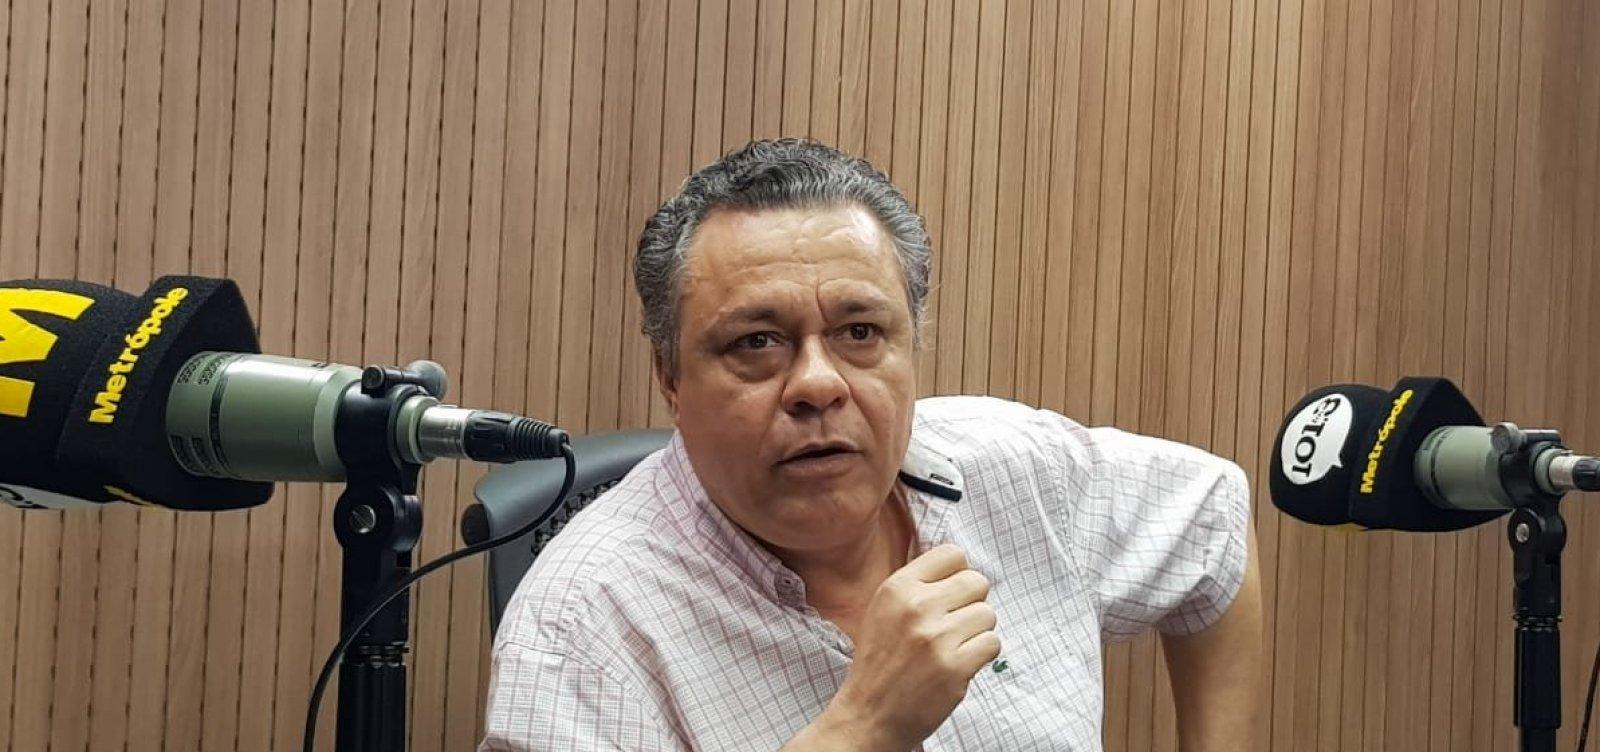 Arranjador revela: 'Coloquei um monte de símbolo satânico em Pererê, de Ivete Sangalo'